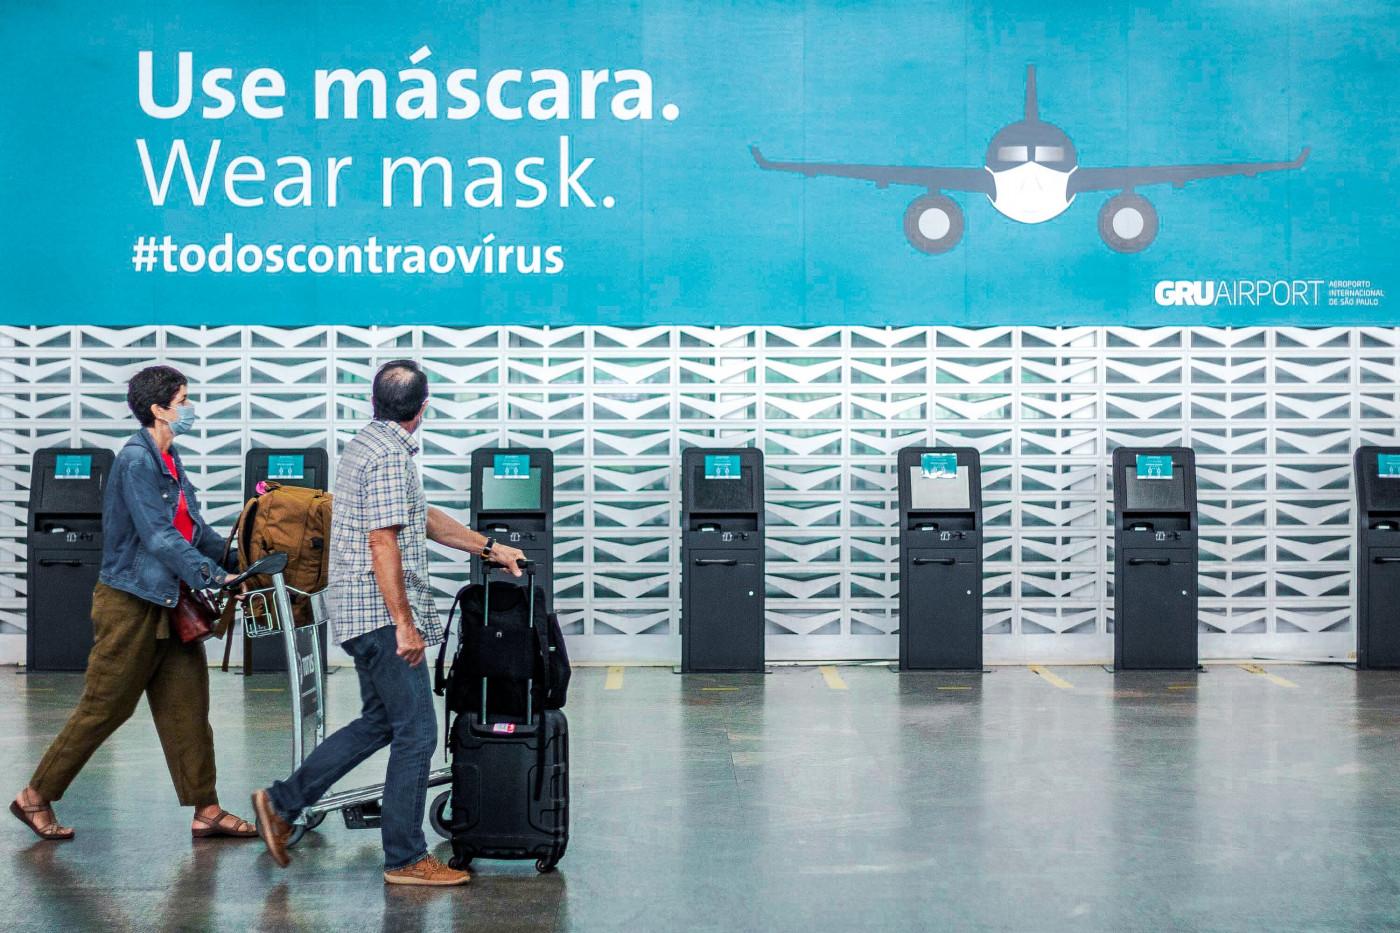 Passageiro anda com mala de viagem no aeroporto de Guarulhos